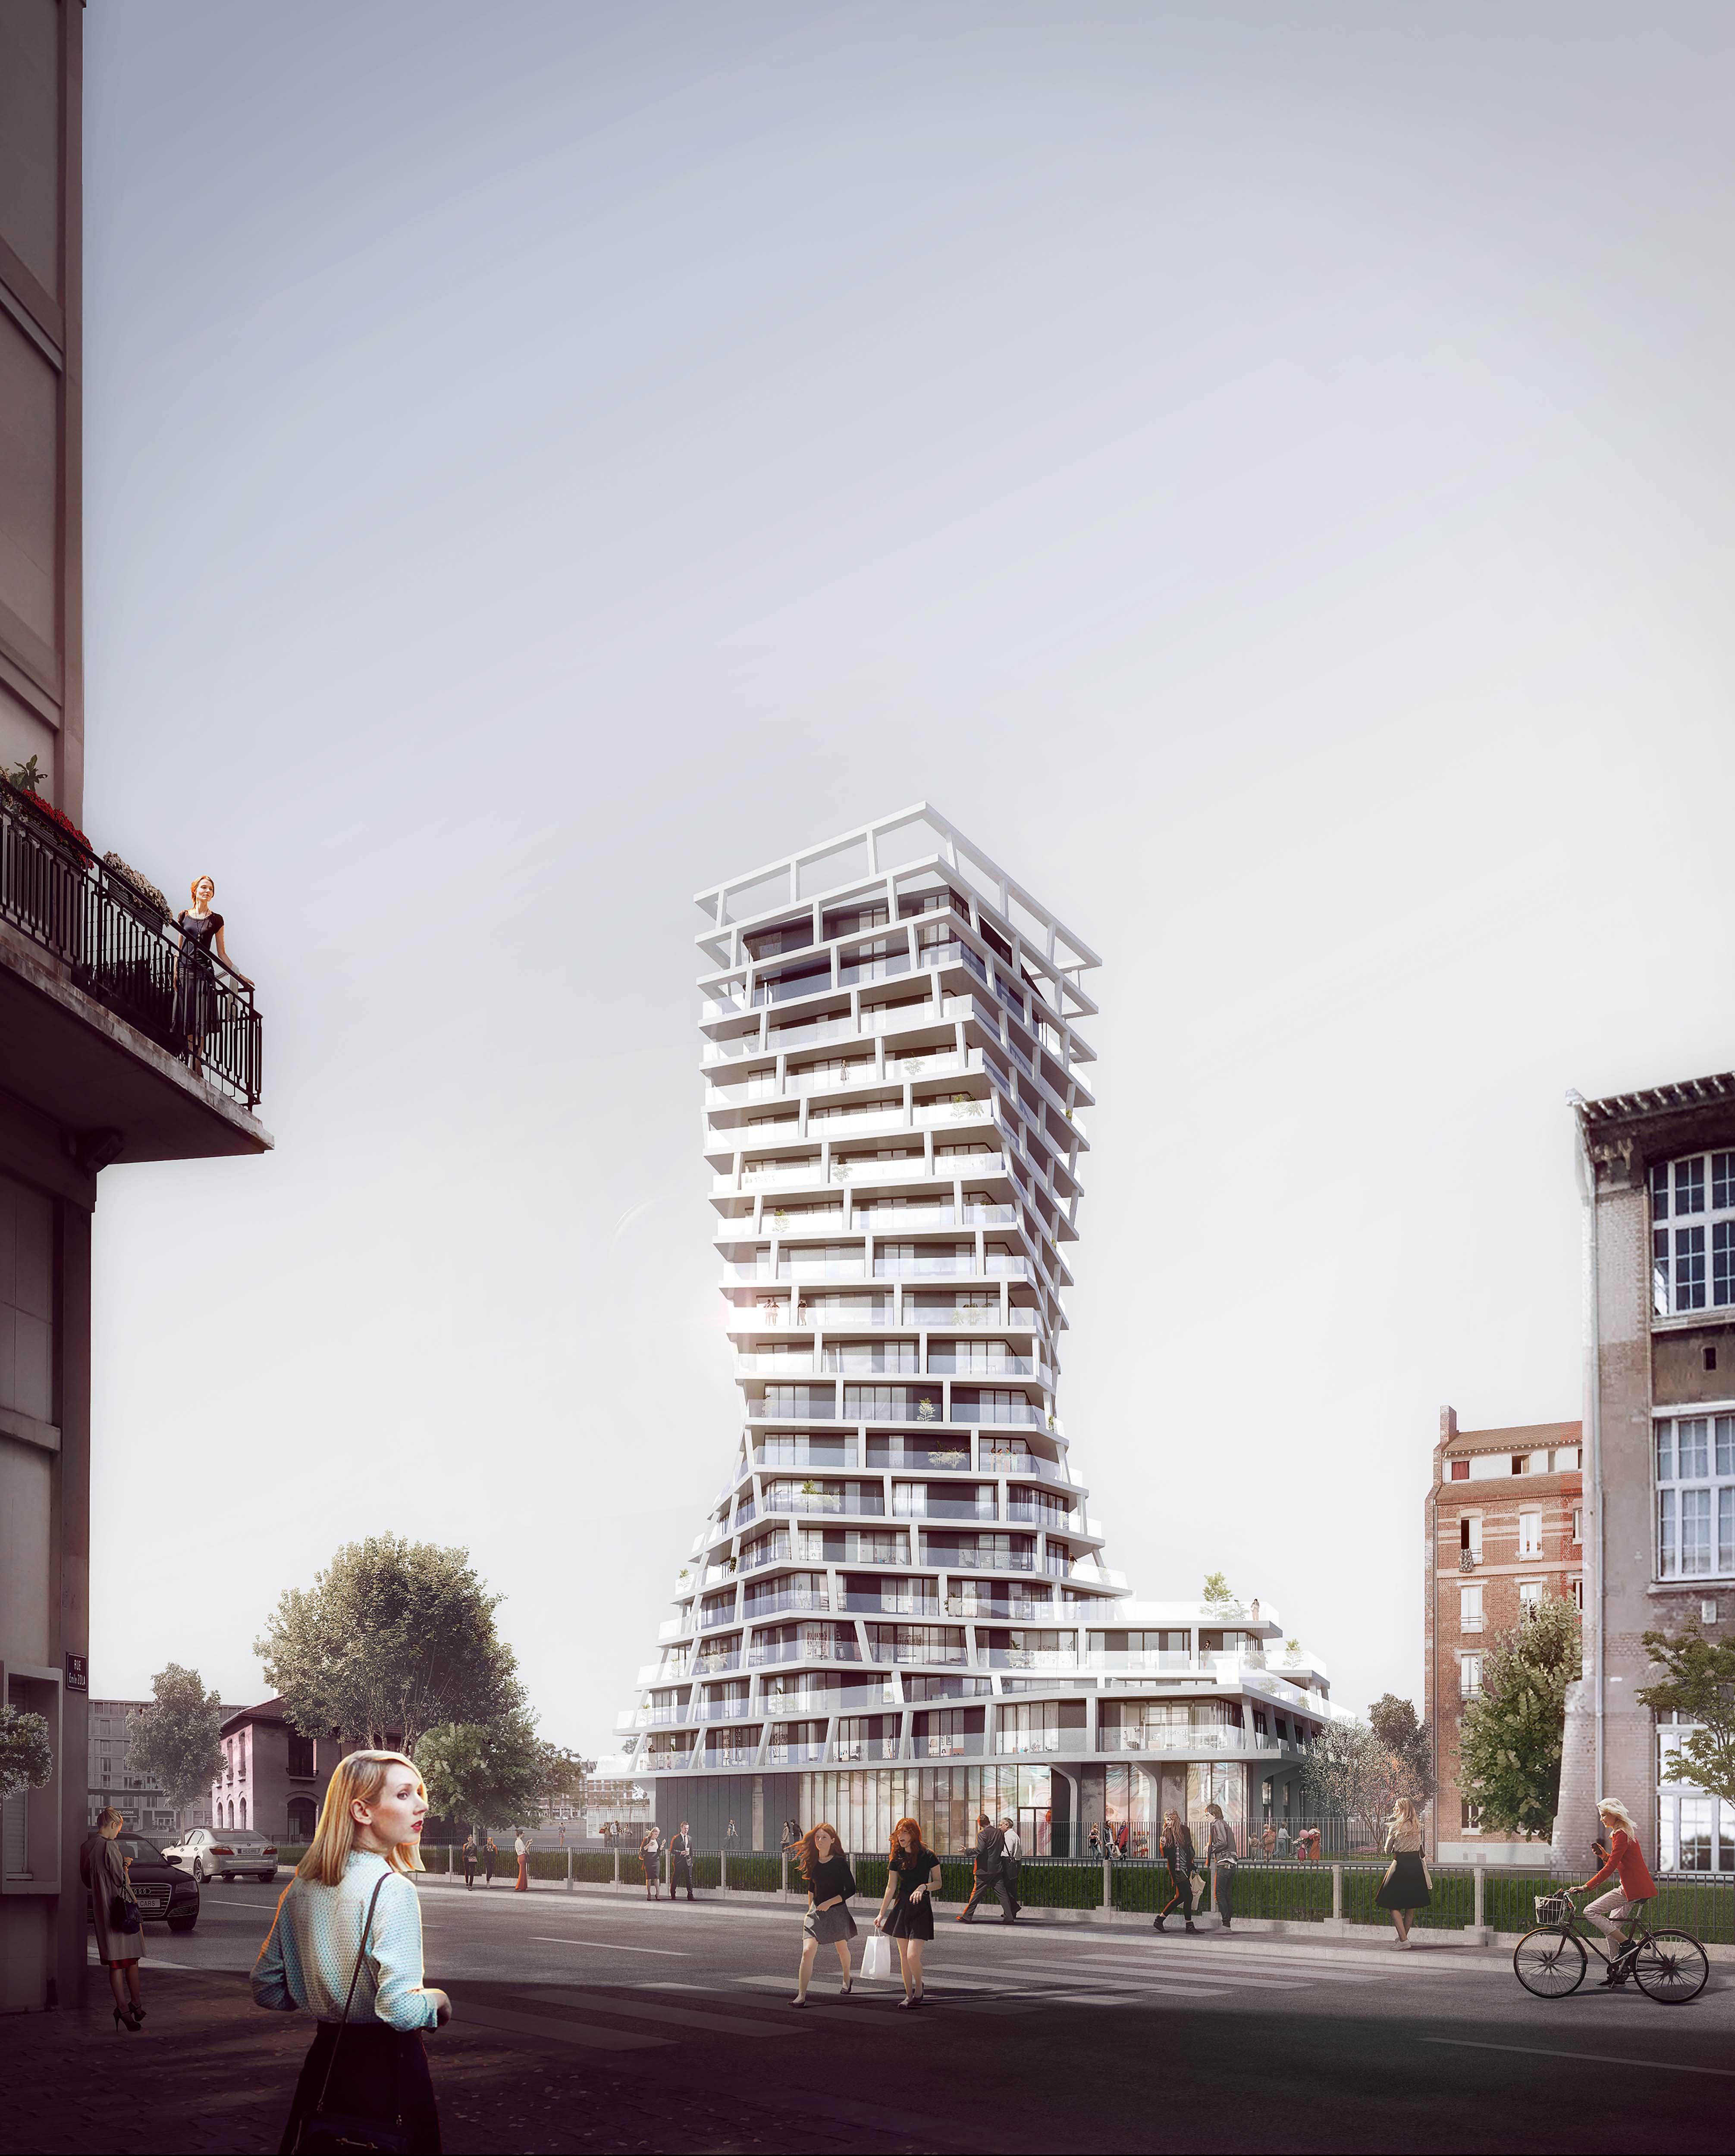 Projet Videcoq Le Havre Site Videcoq Le Havre